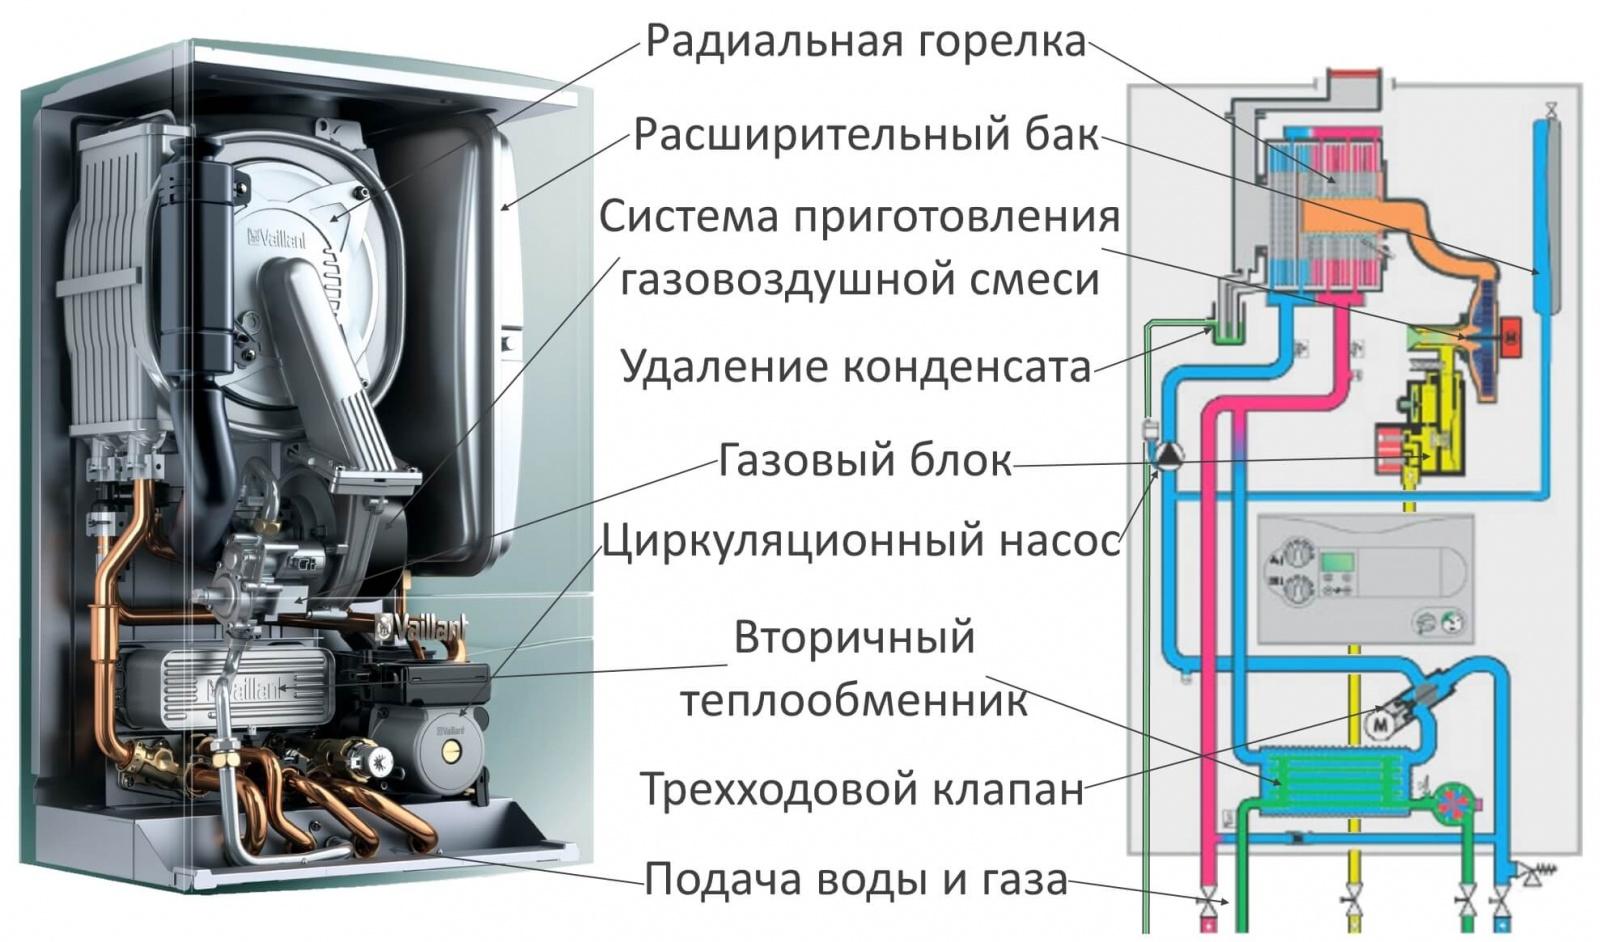 Чем газовый котел отличается от теплообменника Пластины теплообменника Машимпэкс (GEA) VT40 Волгодонск